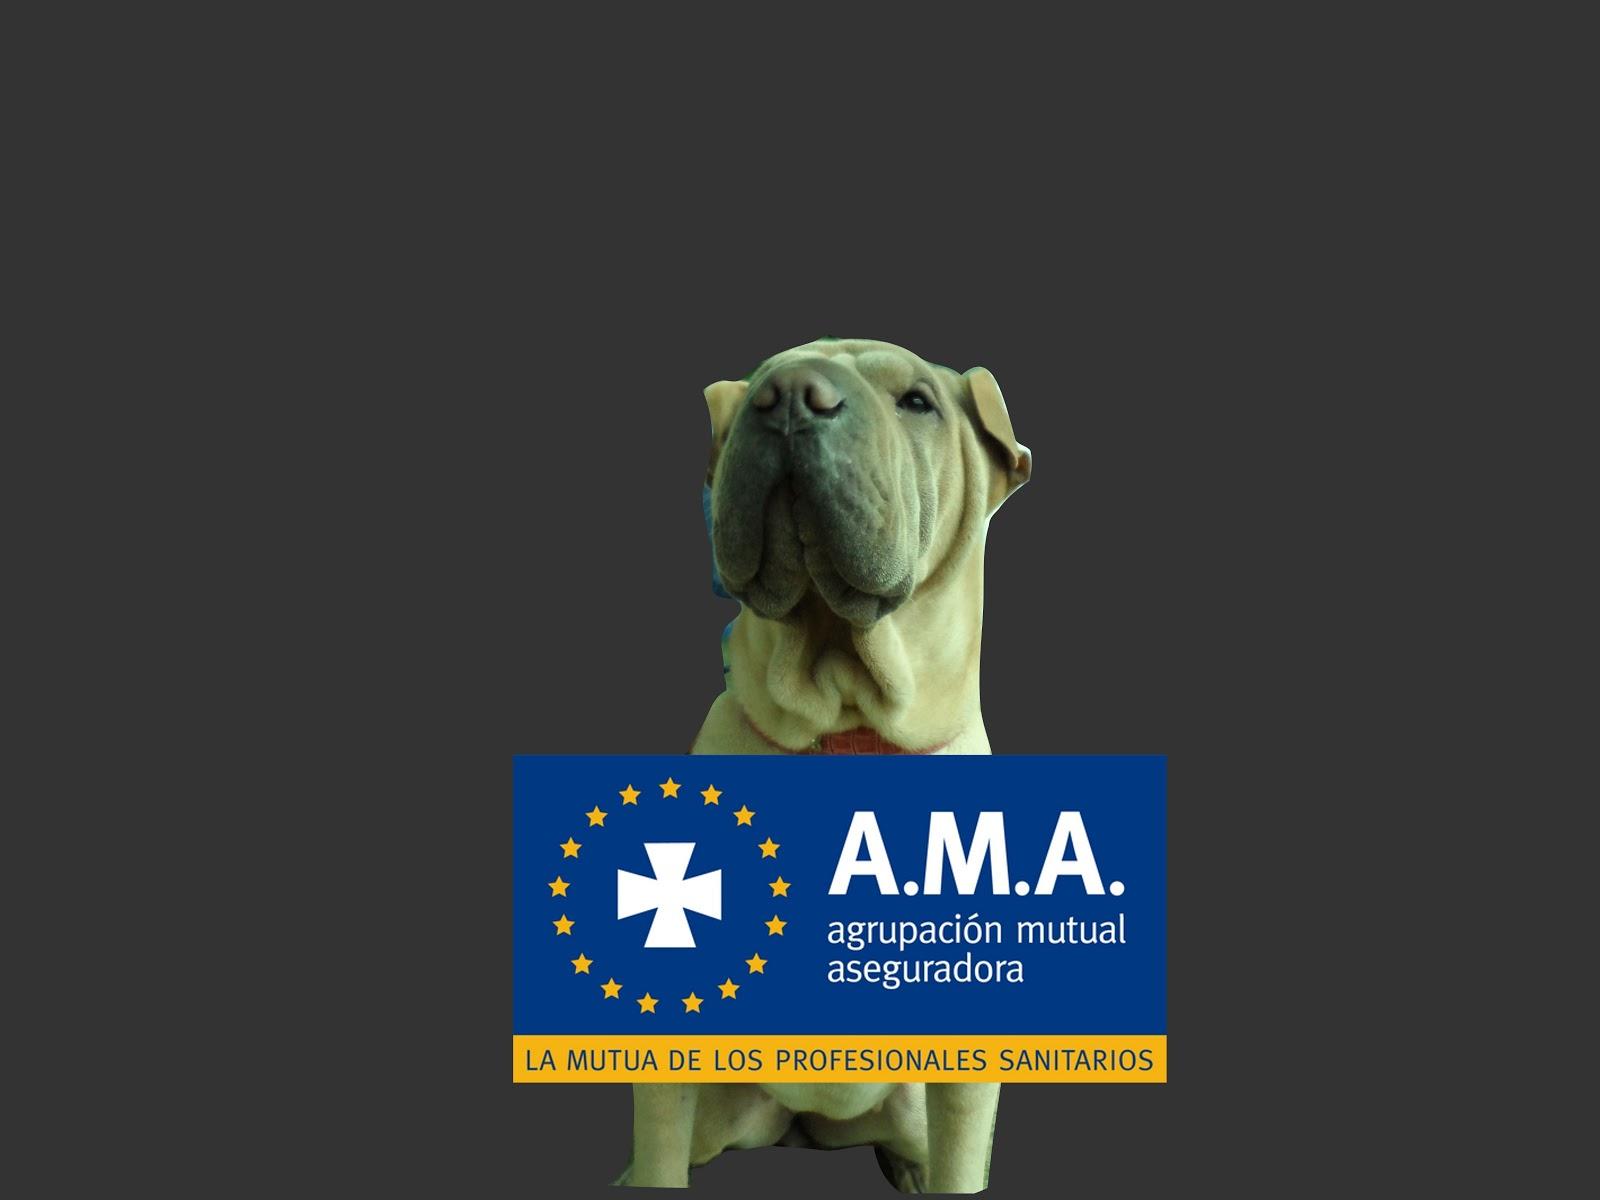 A.M.A._Seguros